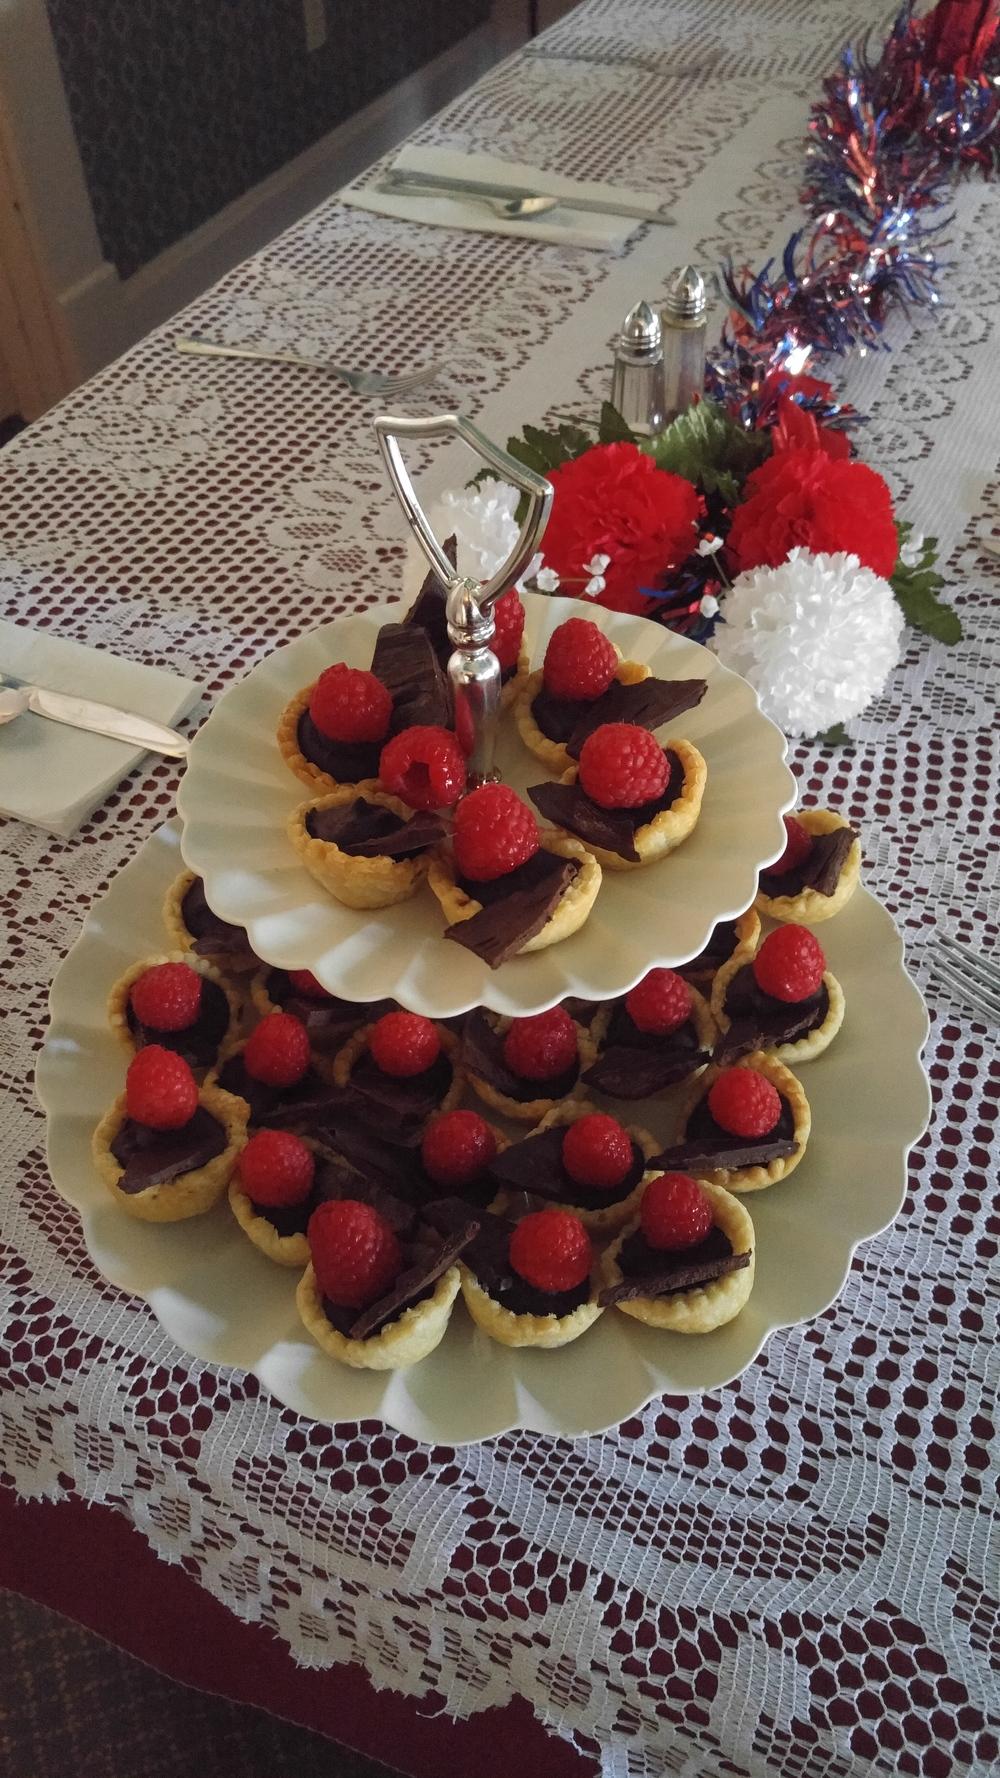 Dessert, Celeste style